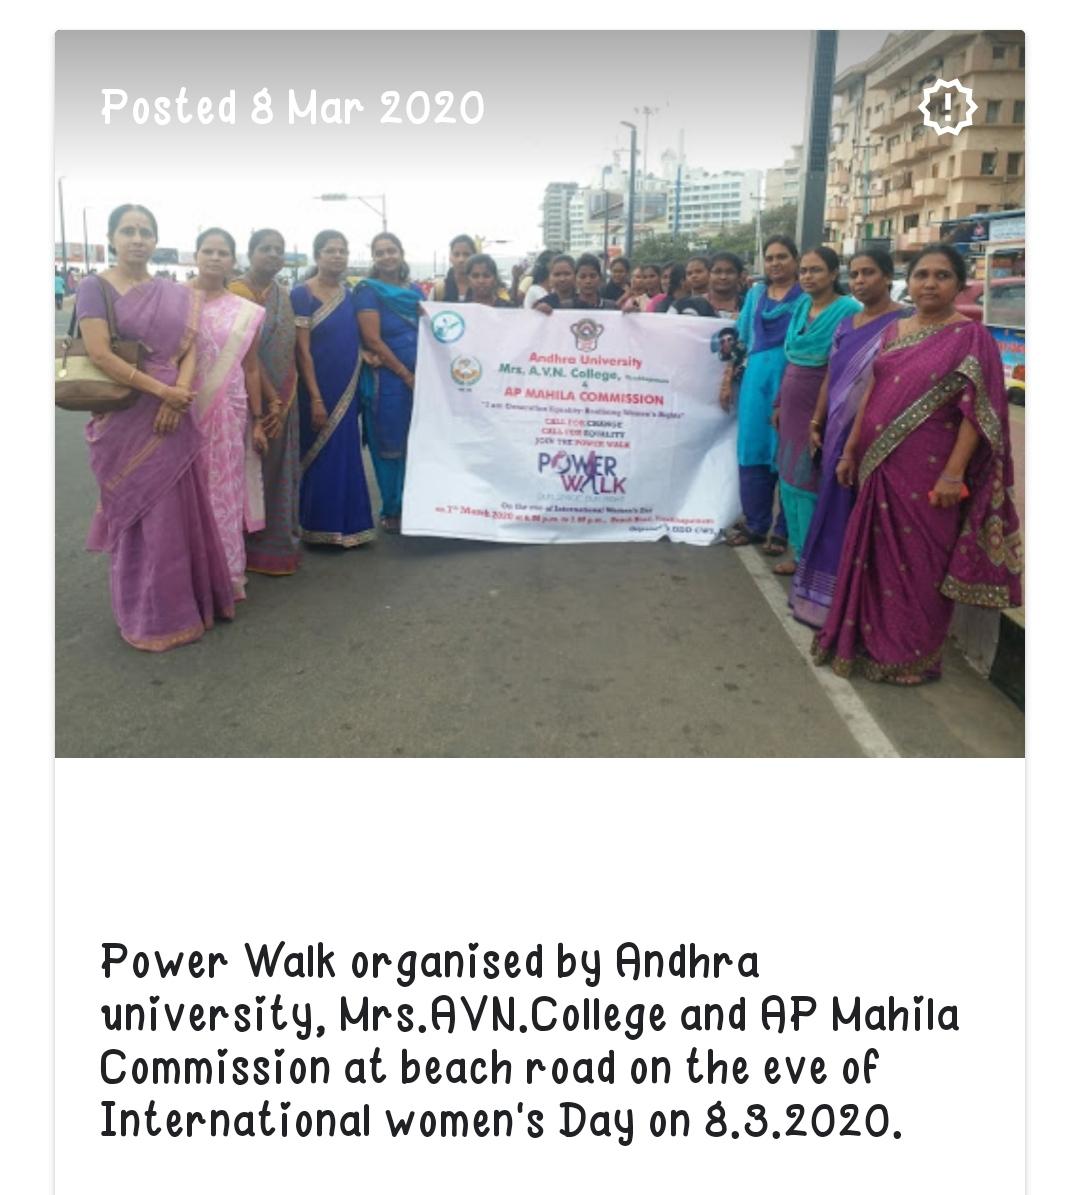 Power walk by women's cell